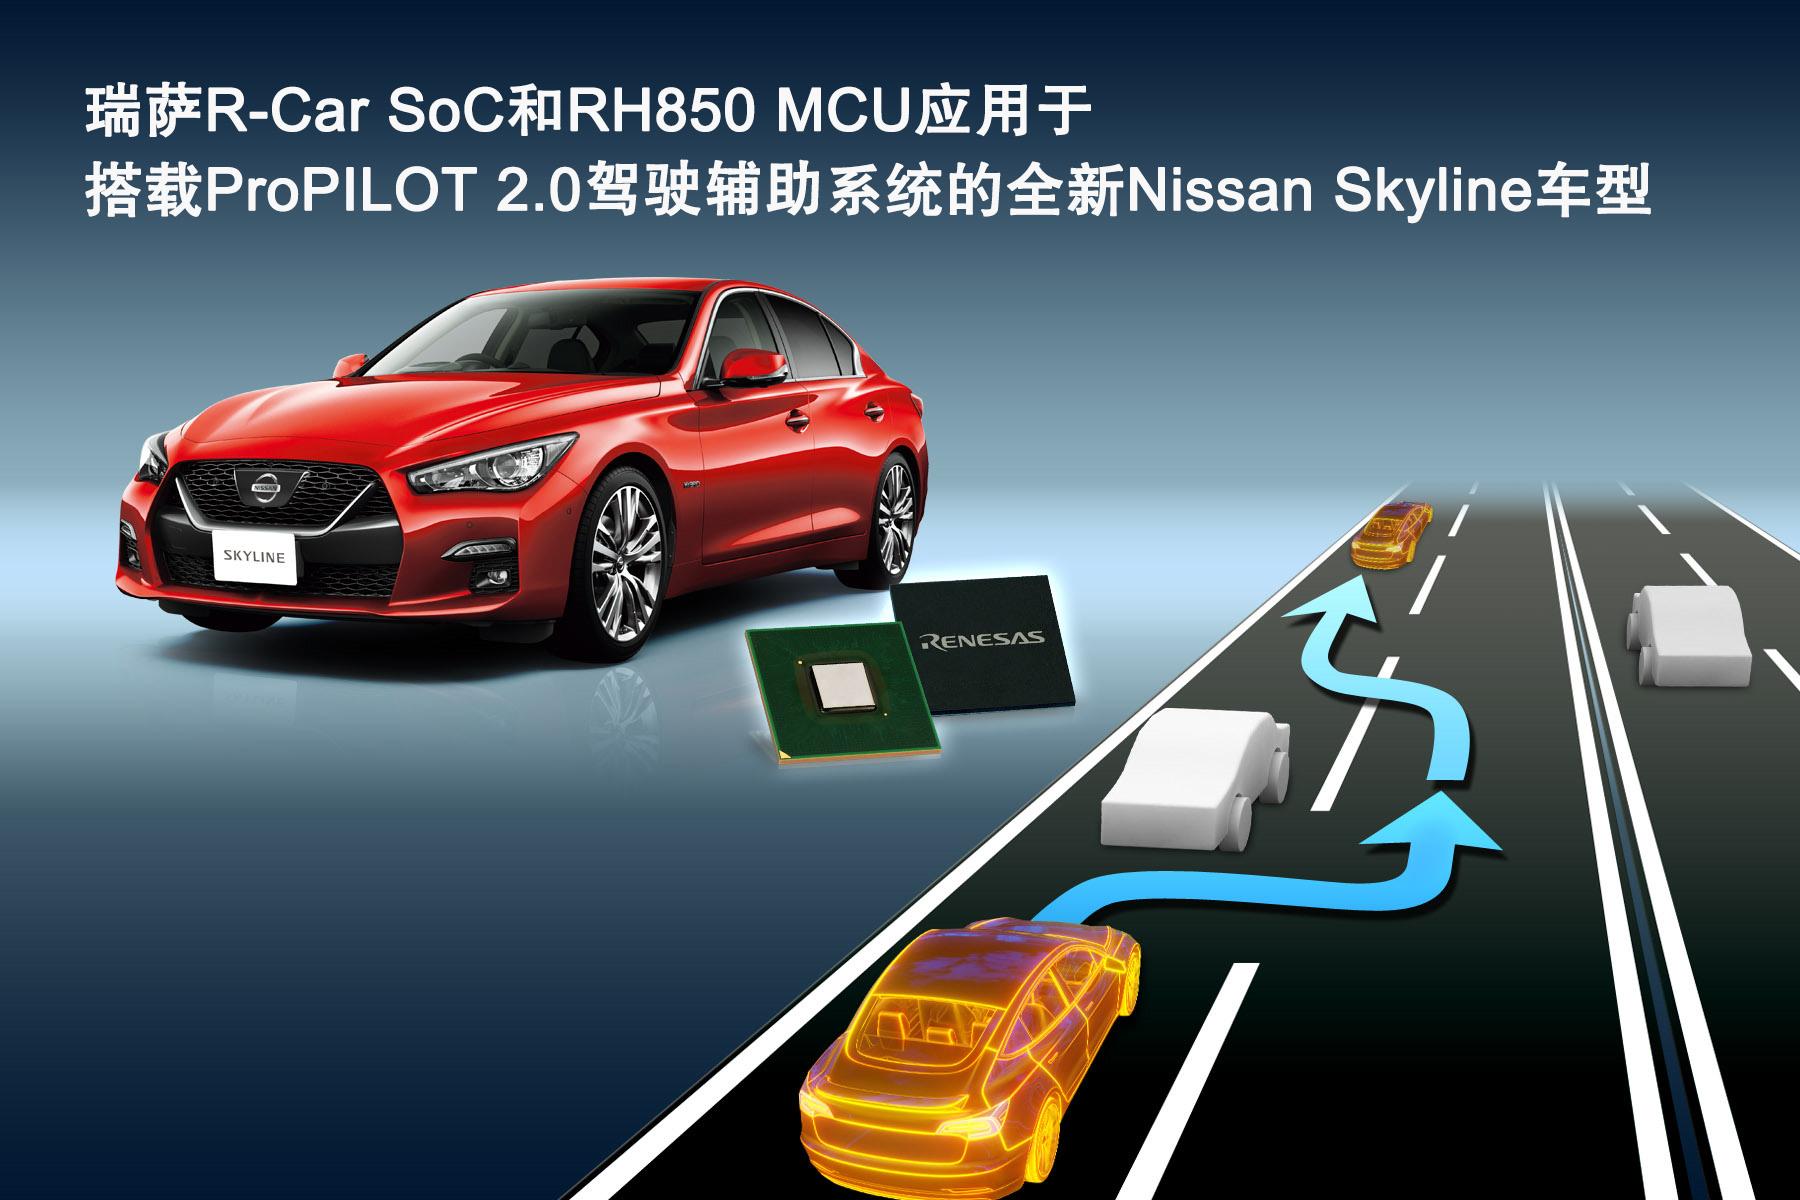 瑞萨电子创新型汽车电子芯片 适用于搭载ProPILOT 2.0驾驶辅助系统的全新Nissan Skyl…